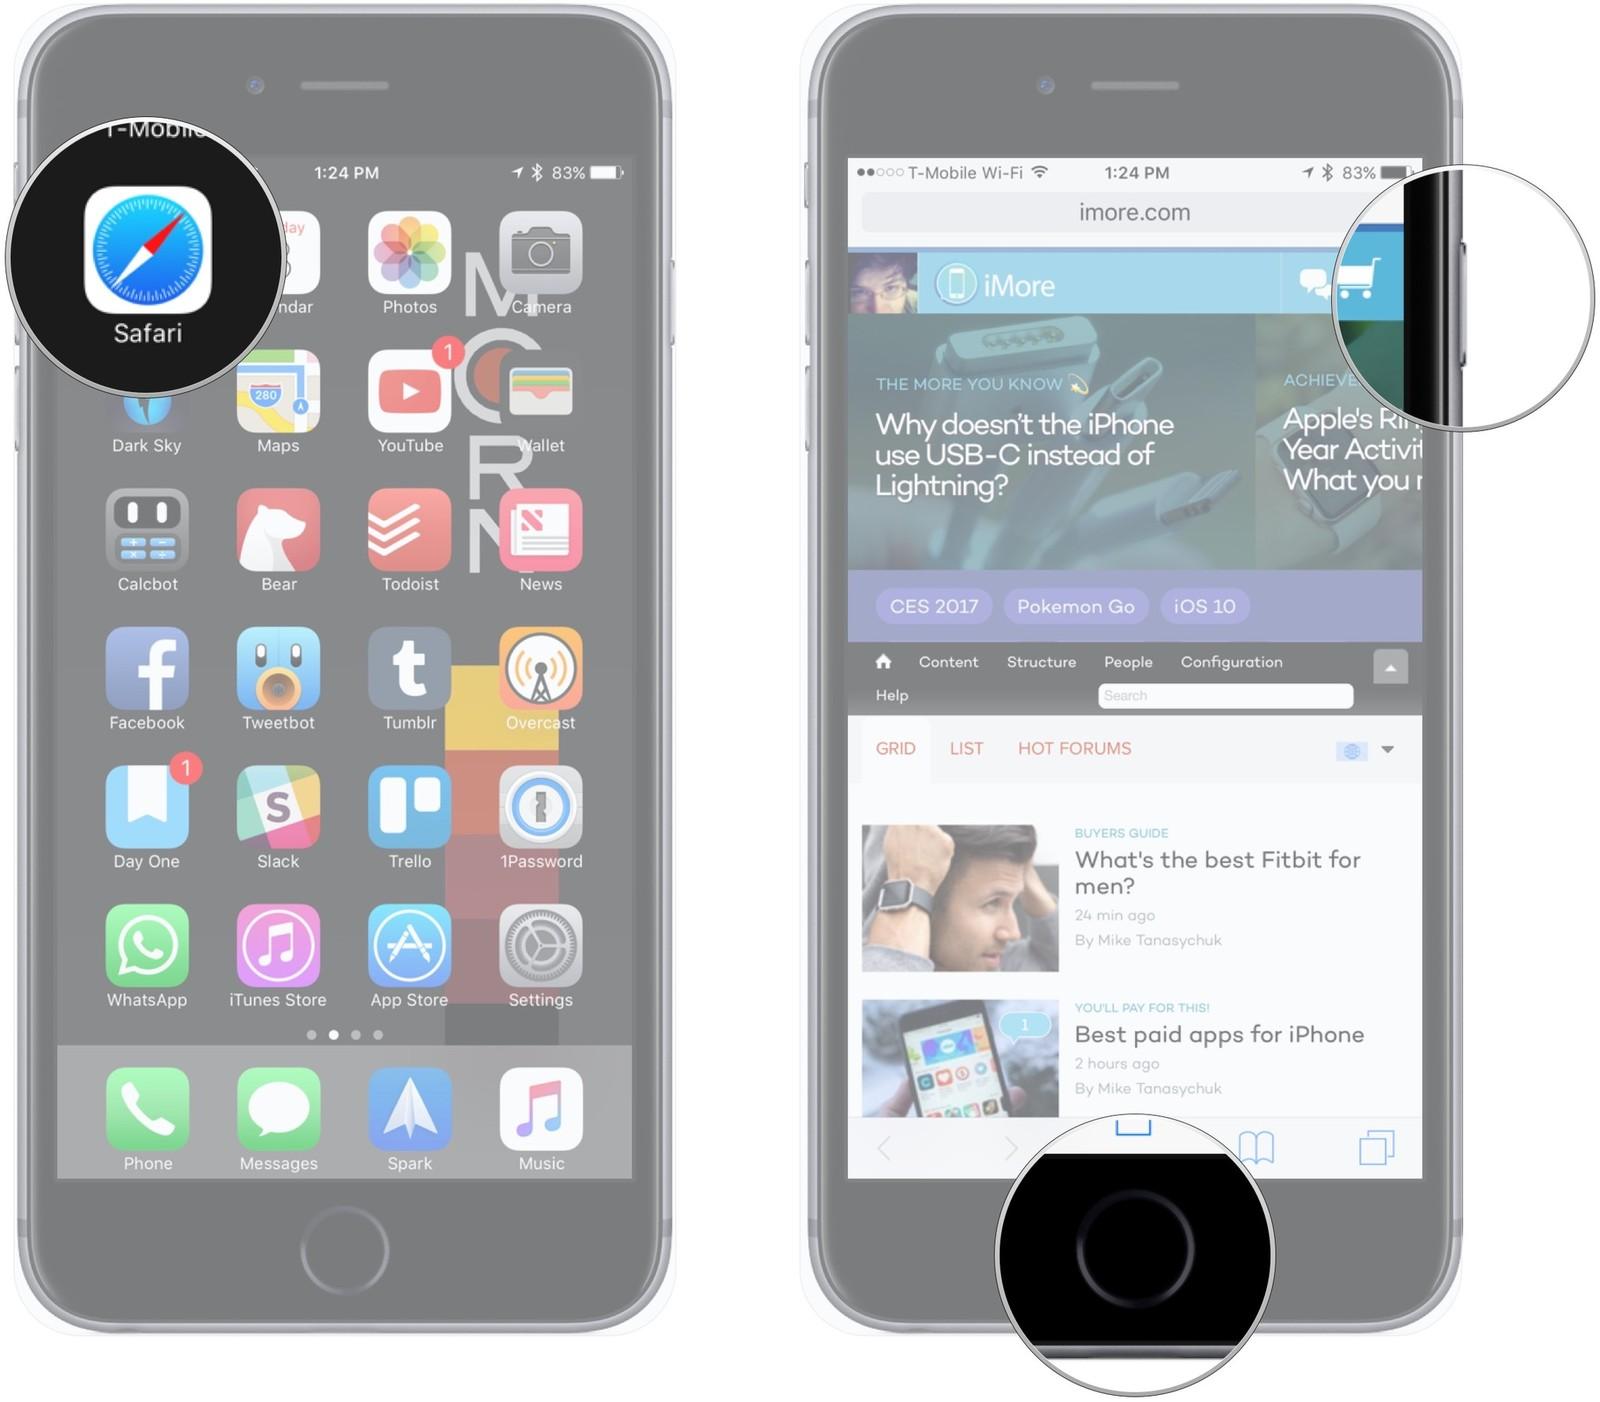 11 вещей которые должен знать каждый пользователь iPhone или iPad - делаем скриншот